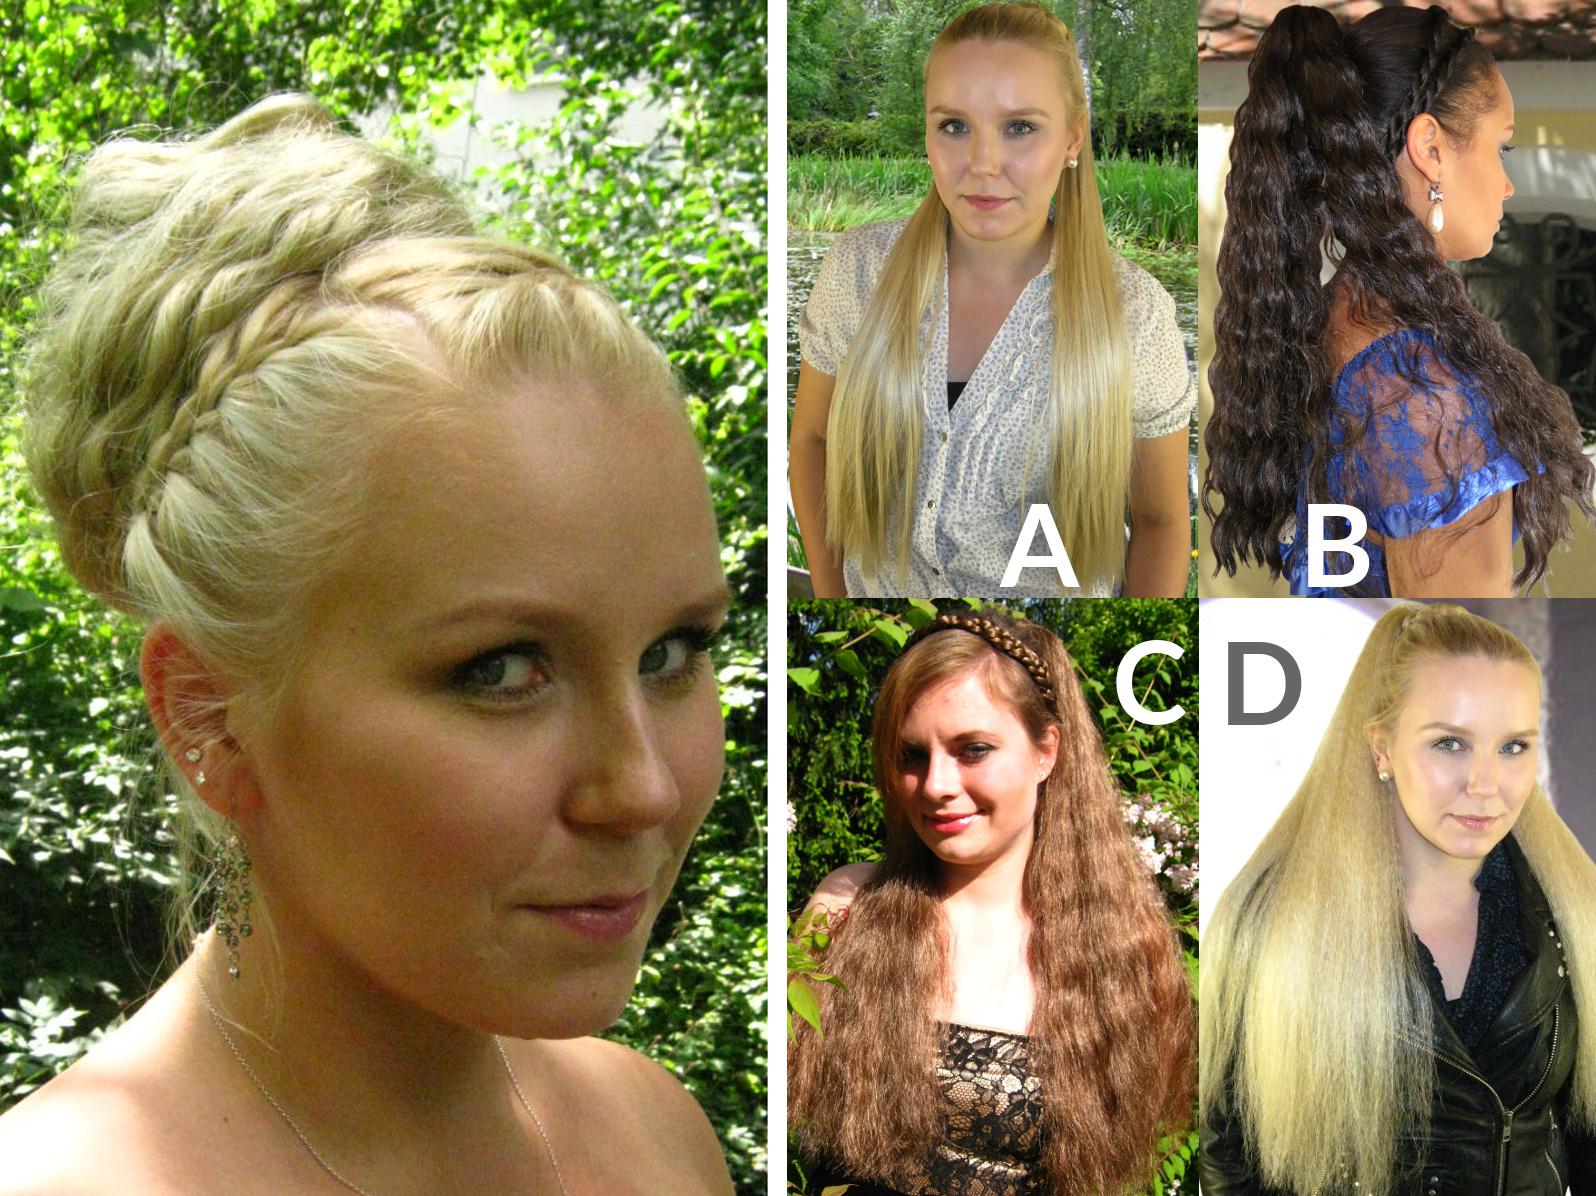 Dutte raten! Erkennst Du das Haarteil, aus dem der Dutt ist? (Lesezeit: 3-5 Minuten)